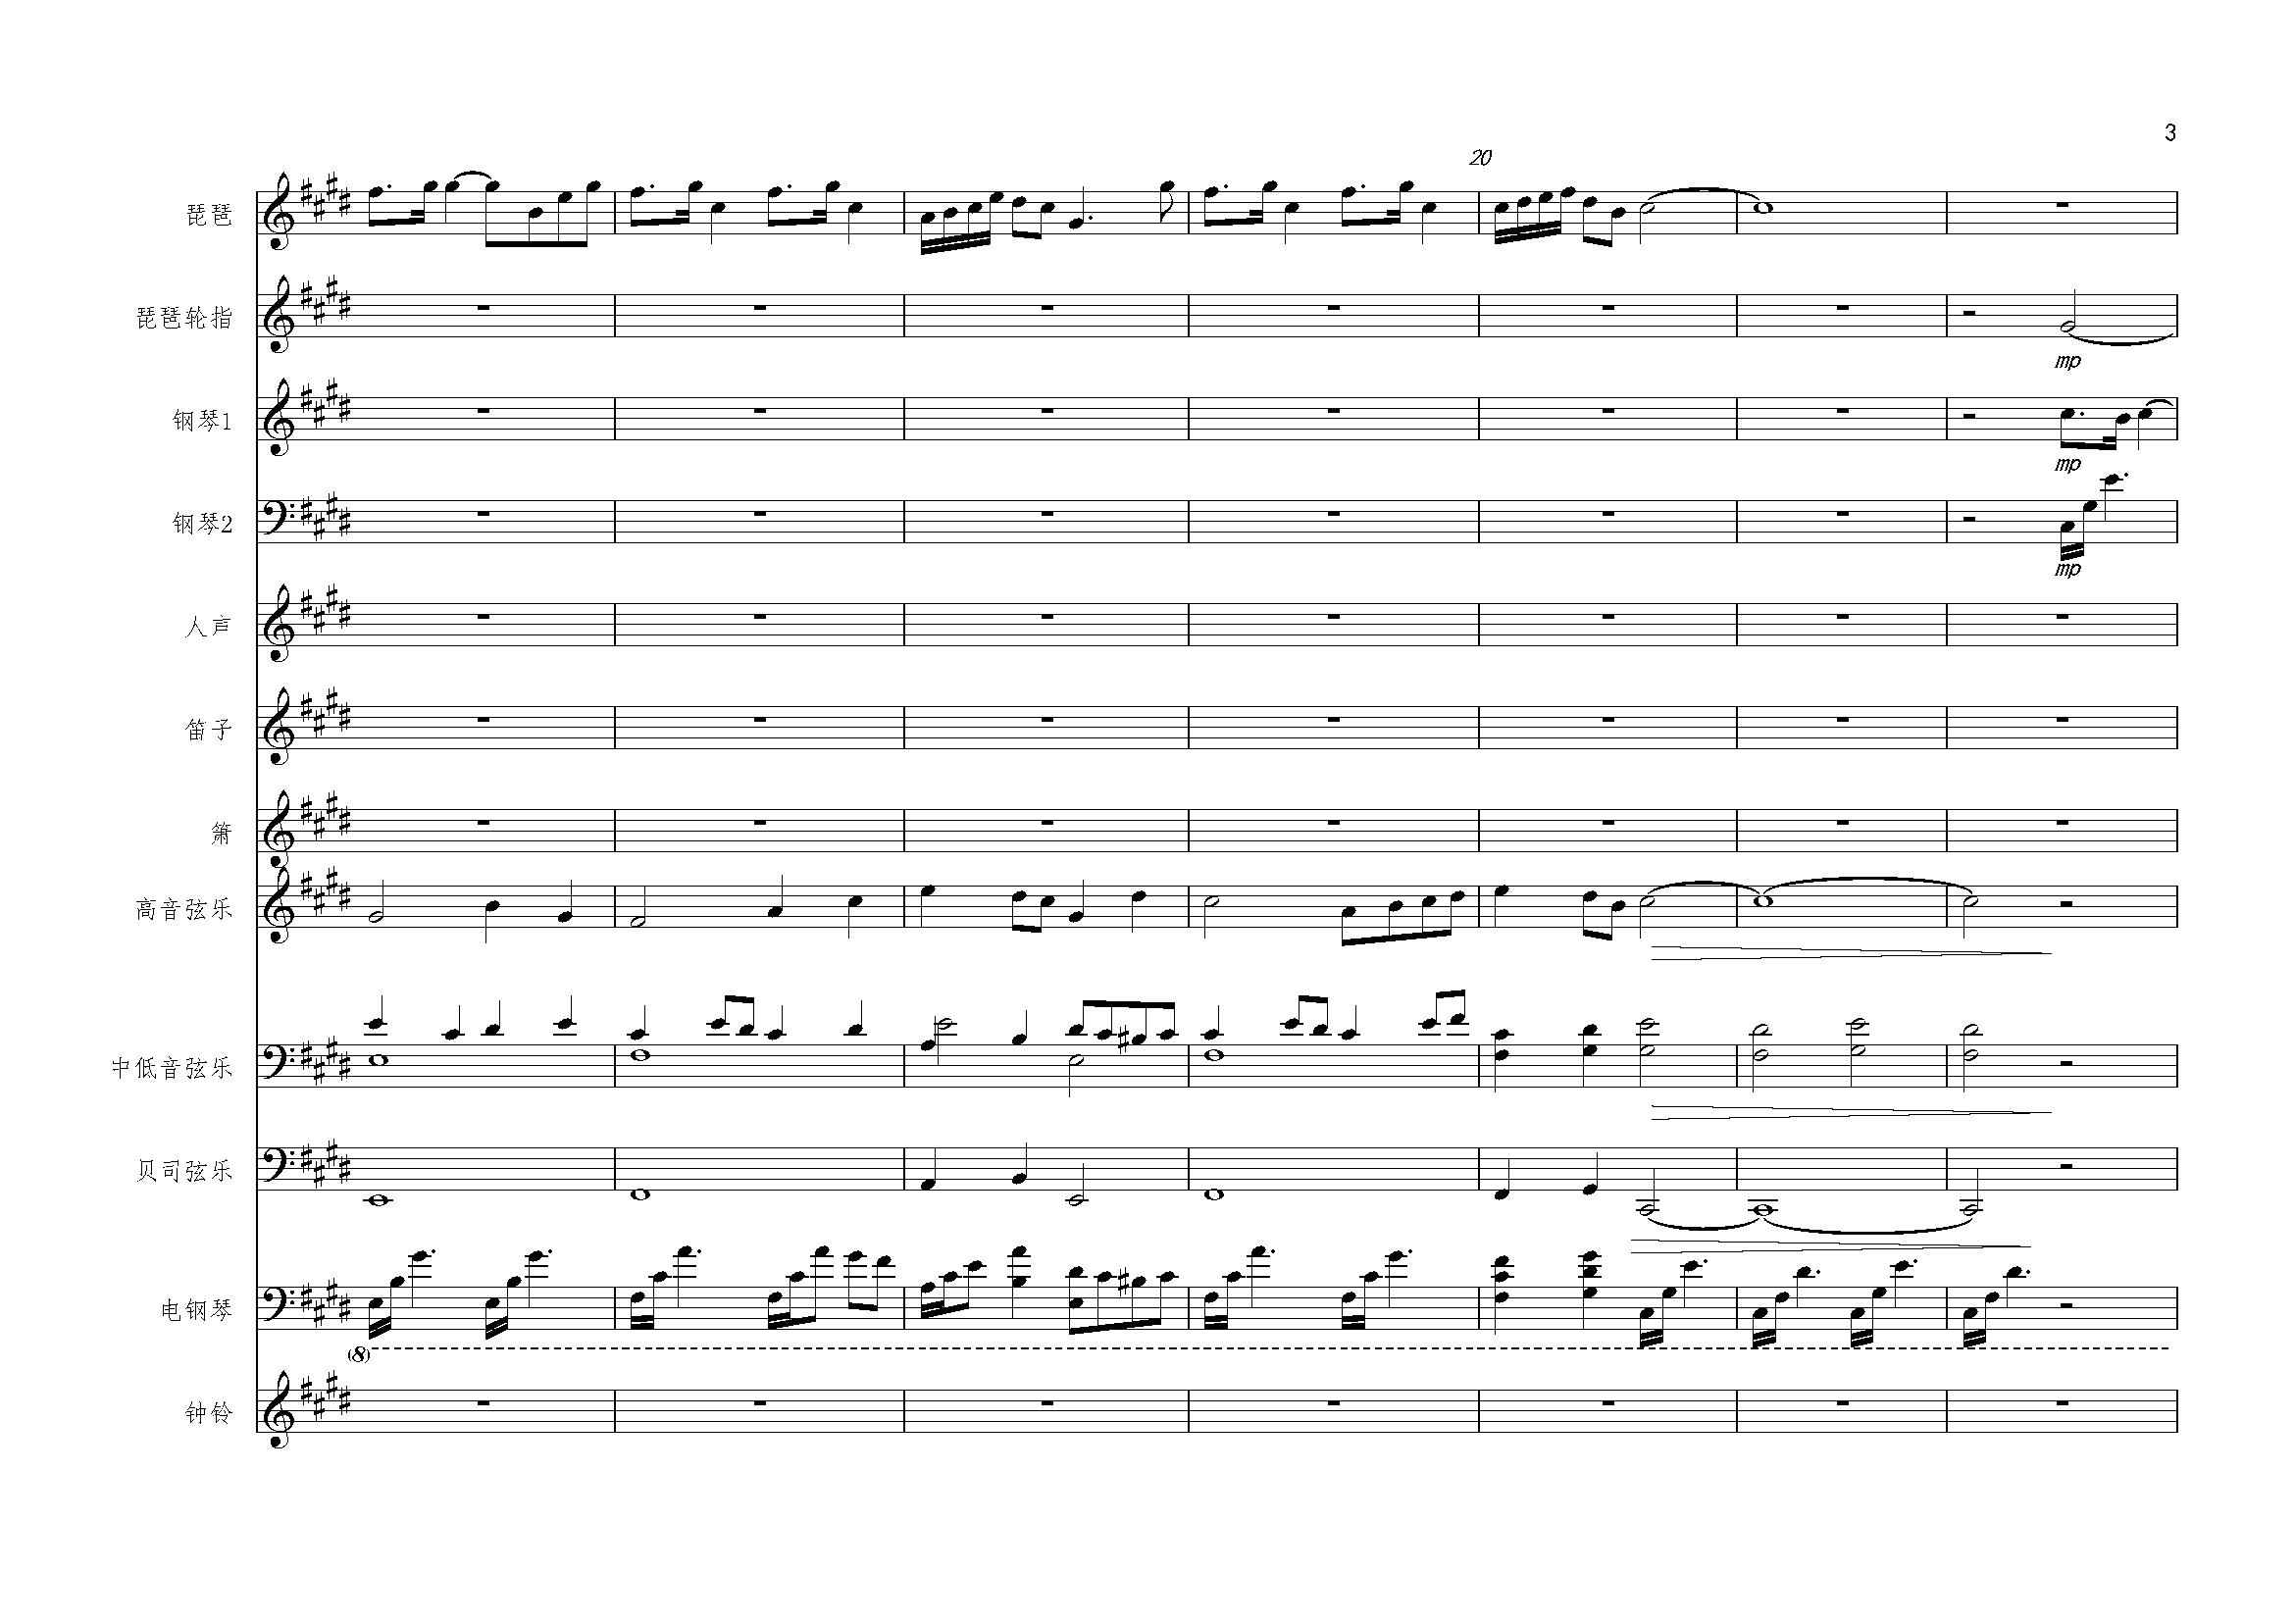 琵琶语钢琴谱 第3页